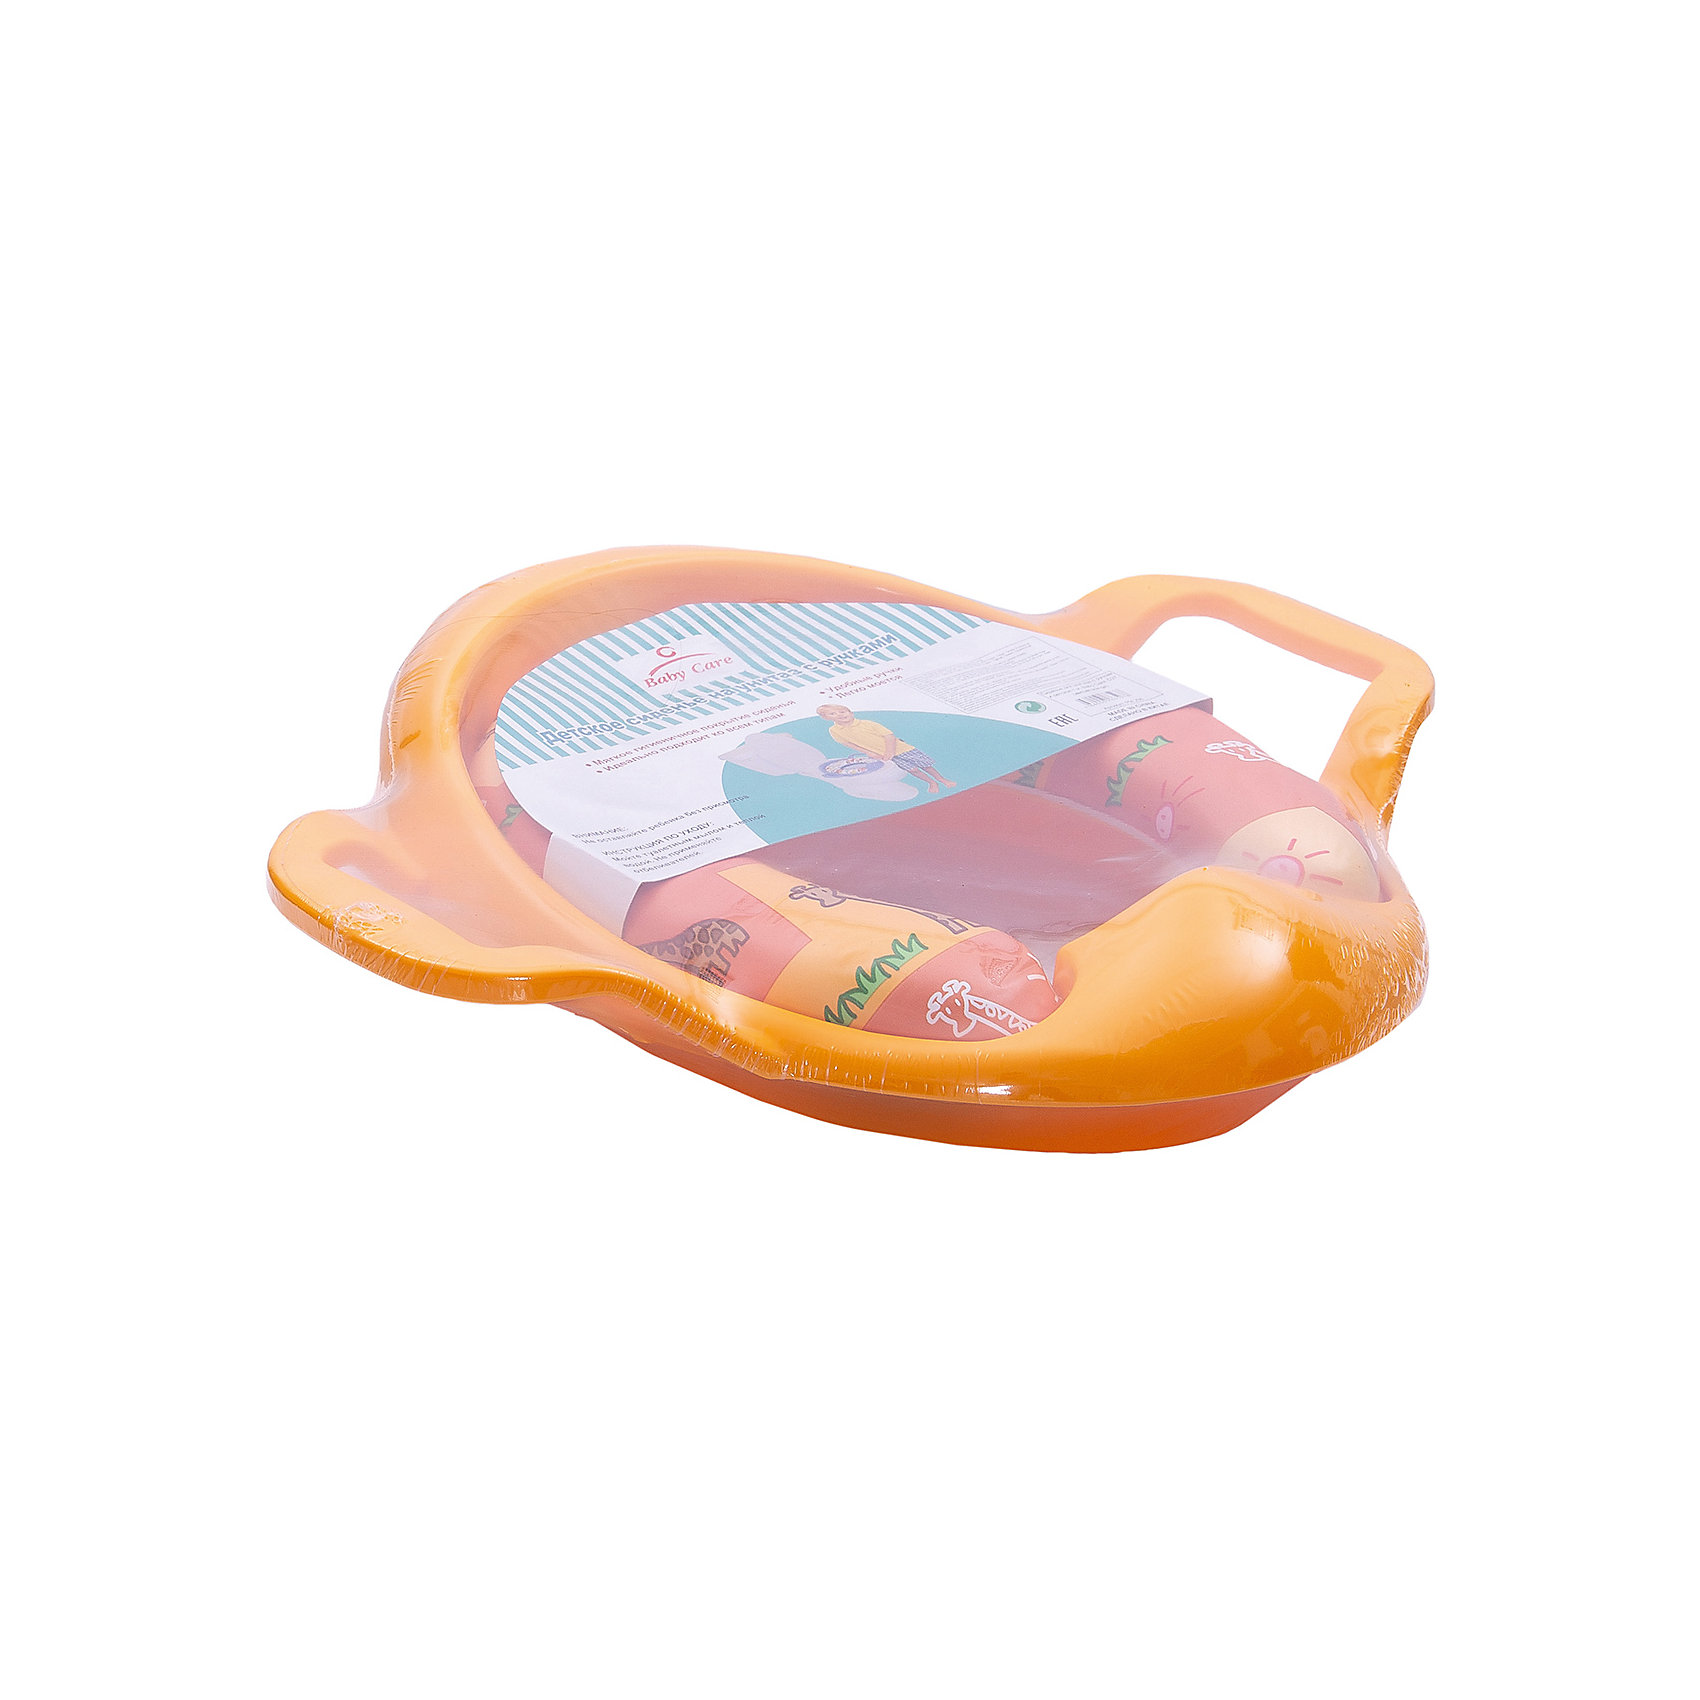 Сиденье для унитаза c ручками, Baby Care, жёлтыйГоршки, сиденья для унитаза, стульчики-подставки<br>Сидение Baby Care - очень удобная накладка на унитаз, которая поможет ребенку привыкнуть ко взрослому унитазу. Оно разработано, учитывая потребности малыша. Для дополнительного удобства оно оснащена двумя большими пластиковыми ручками, чтобы малыш чувствовал себя уверенно. Оригинальный дизайн с забавными рисунками точно понравится малышу. Мягкая обивка приятна на ощупь и обеспечивает дополнительный комфорт. Сидение можно устанавливать на любой взрослый унитаз. Оно легко моется, а брызговик защитит его от лишних загрязнений. После использования сидение можно легко повесить рядом с унитазом, чтобы оно было легко доступно в следующий раз.<br><br>Дополнительная информация:<br><br>- Удобные ручки;<br>- Защита от брызг;<br>- Уникально мягкое покрытие, которое легко мыть;<br>- Обеспечивает комфортное и удобное положение ребёнка;<br>- Забавные рисунки;<br>- Материал не вызывает аллергии; <br>- Может использоваться для детей любого пола;<br>- Подходит для любых унитазов;<br>- Можно подвесить до следующего использования;<br>- Материал: нетоксичный пластик, резина;<br>- Цвет: желтый;<br>- Размер отверстия: 11 х 13 см;<br>- Размеры (нижней части, которая вставляется во взрослый стульчак): длина - 24,5 см, ширина - 20,5 см;<br>- Размеры внешние: 38,5, х 29,5 см;<br>- Вес: 600 г.<br><br>Сиденье для унитаза c ручками, Baby Care, желтое можно купить в нашем интернет-магазине.<br><br>Ширина мм: 380<br>Глубина мм: 290<br>Высота мм: 80<br>Вес г: 600<br>Возраст от месяцев: 12<br>Возраст до месяцев: 36<br>Пол: Унисекс<br>Возраст: Детский<br>SKU: 3949962